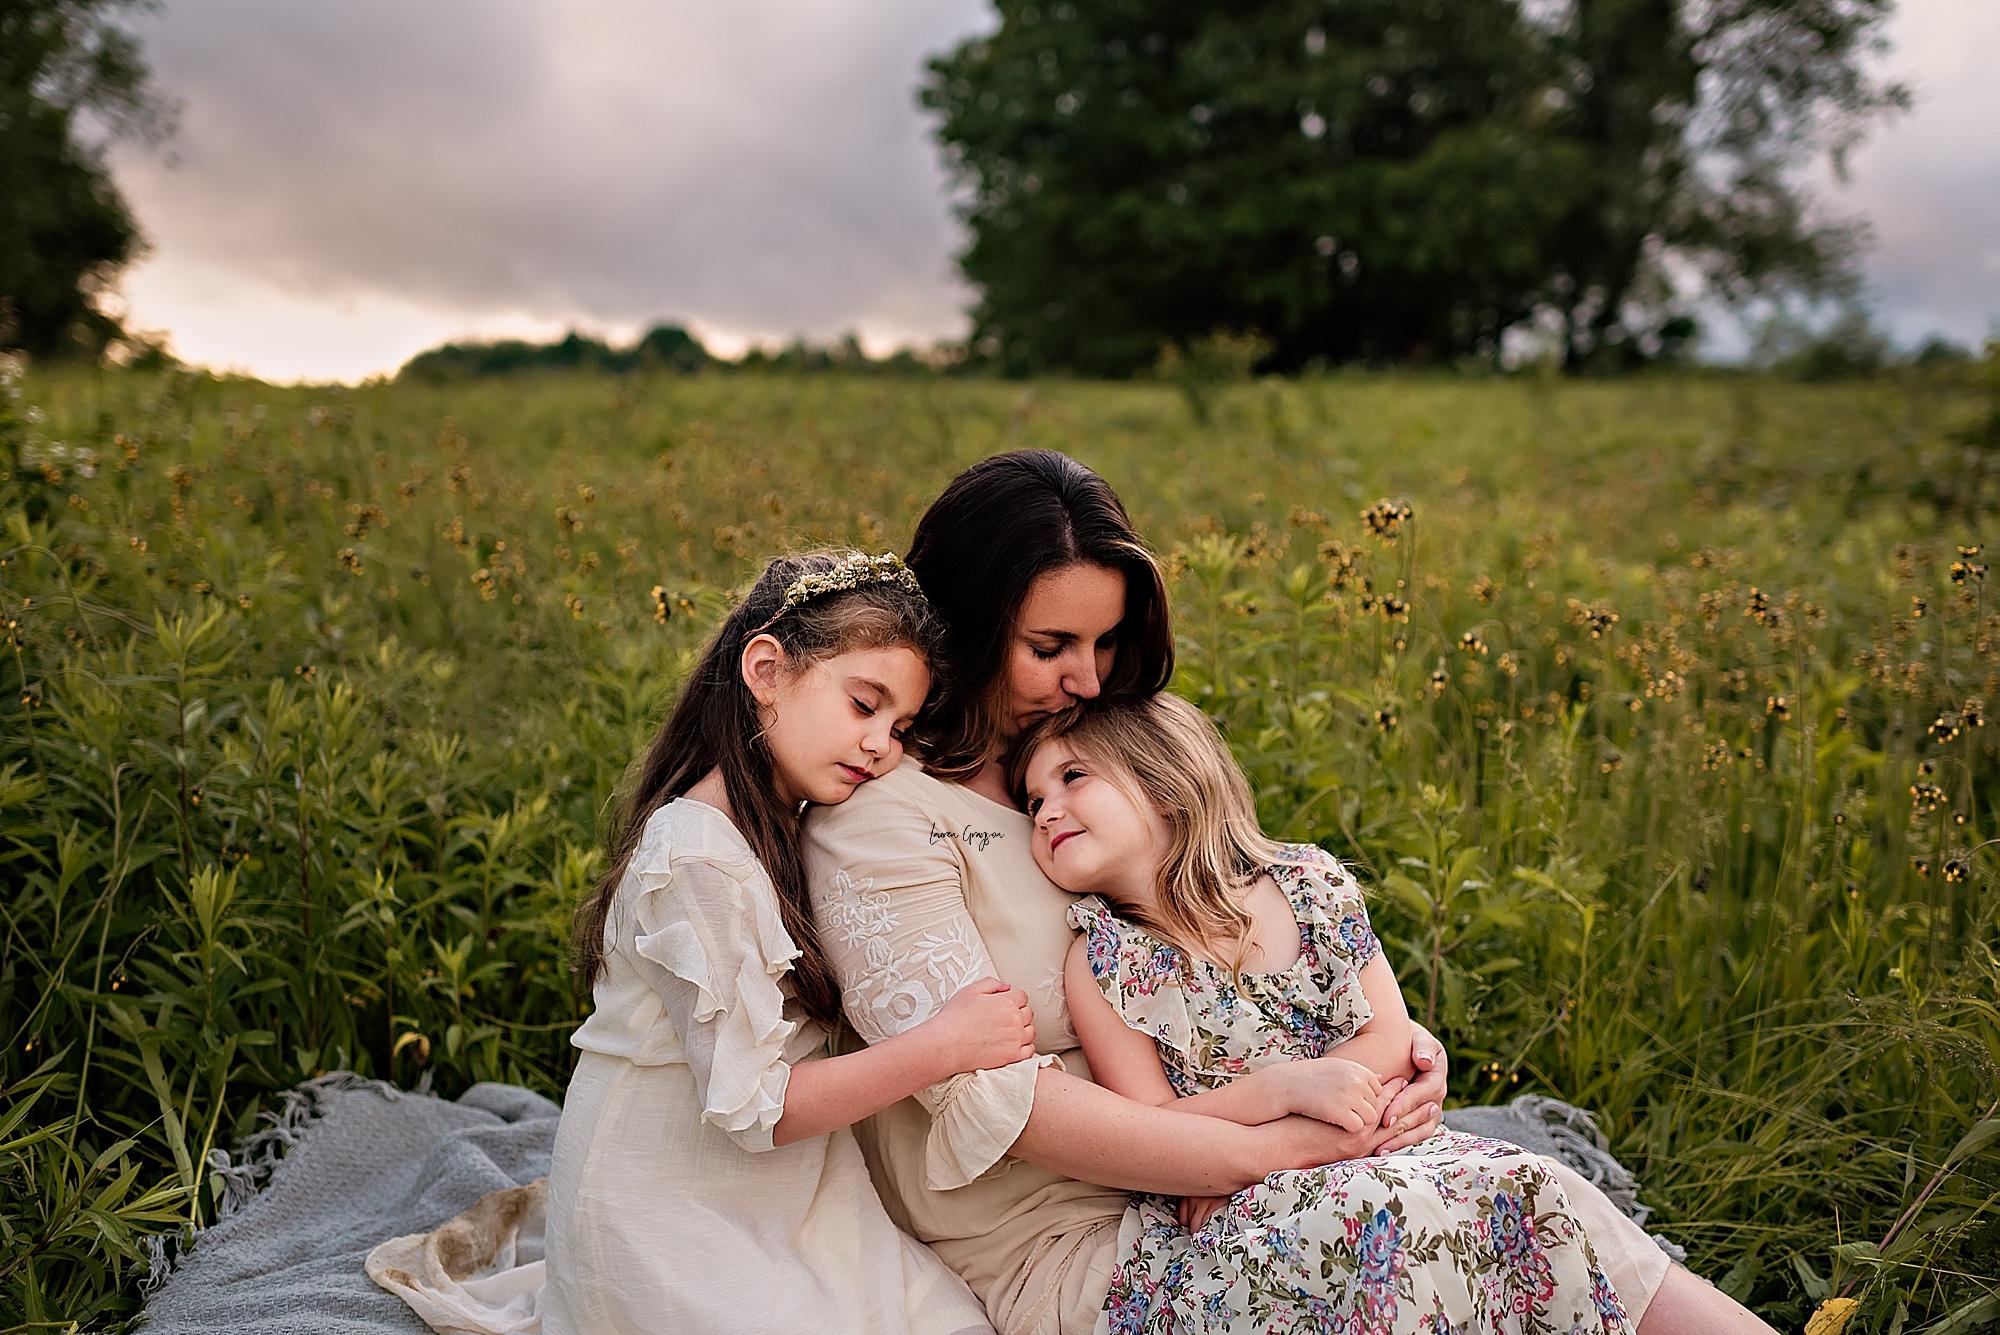 lauren-grayson-photography-akron-ridenour-family-summer-fields-sunset-session_0031.jpg